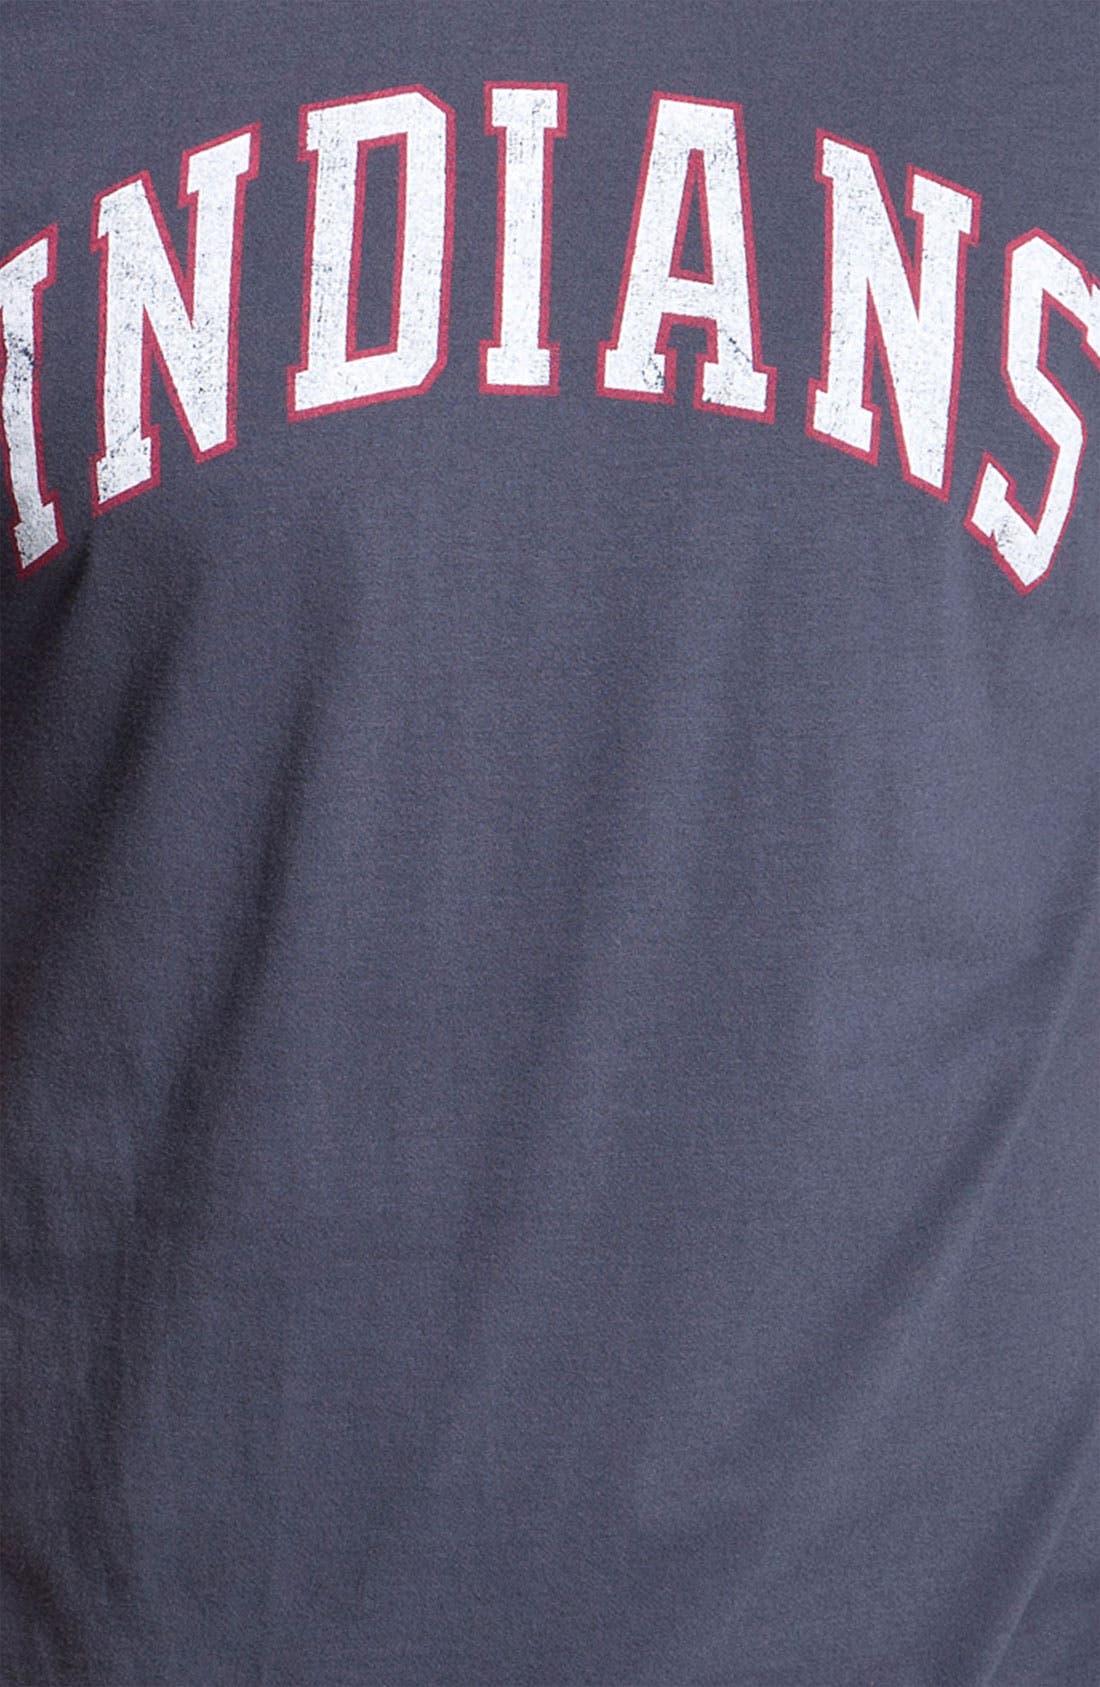 Alternate Image 2  - Wright & Ditson 'Cleveland Indians' Baseball T-Shirt